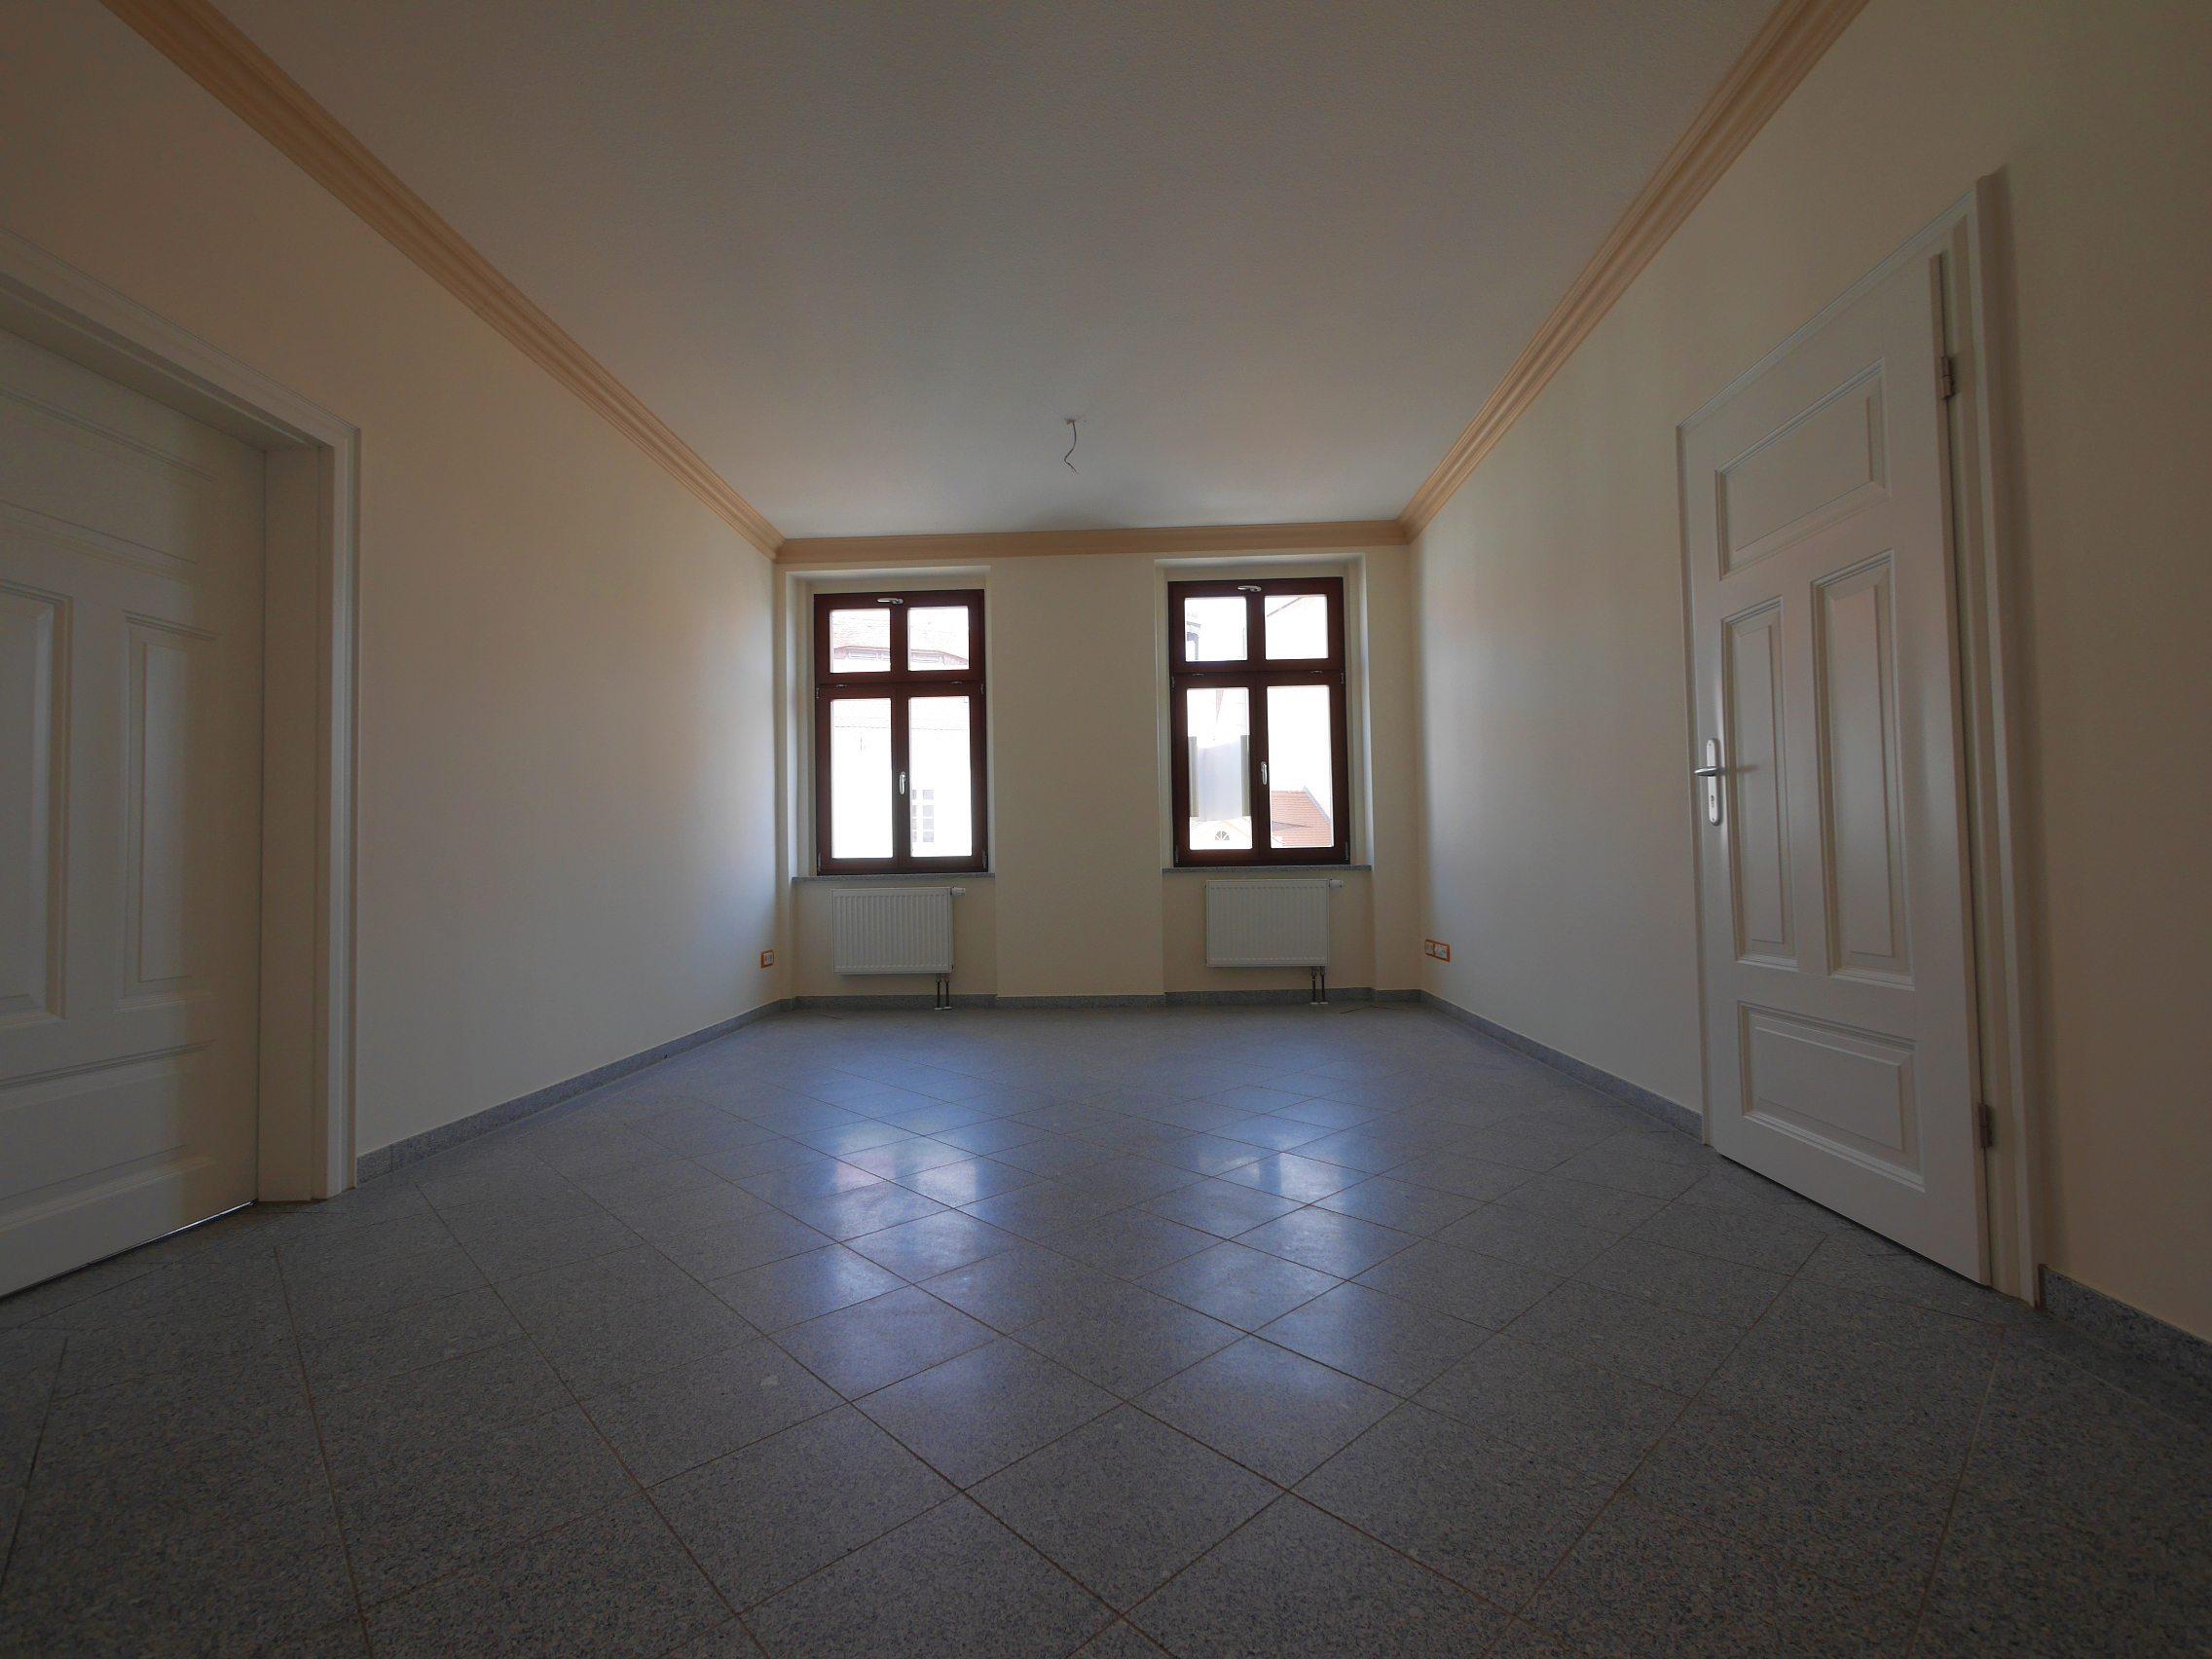 Vermietung von 4 Etagen mit Geschäftsräumen in Görlitz, Demianiplatz 21/22